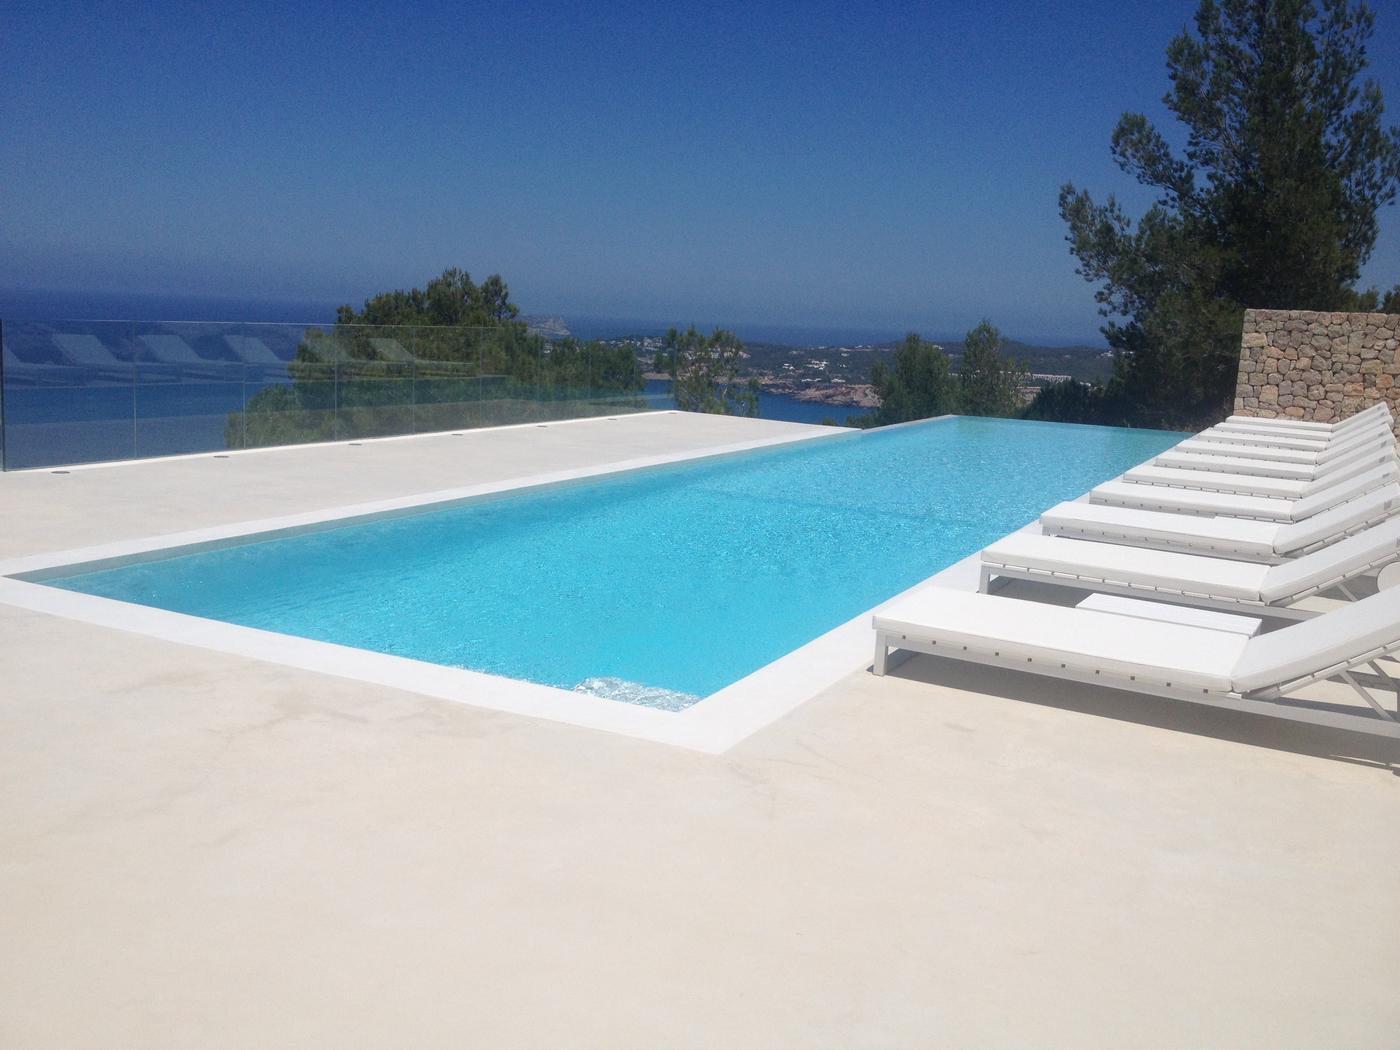 plage piscine en beton